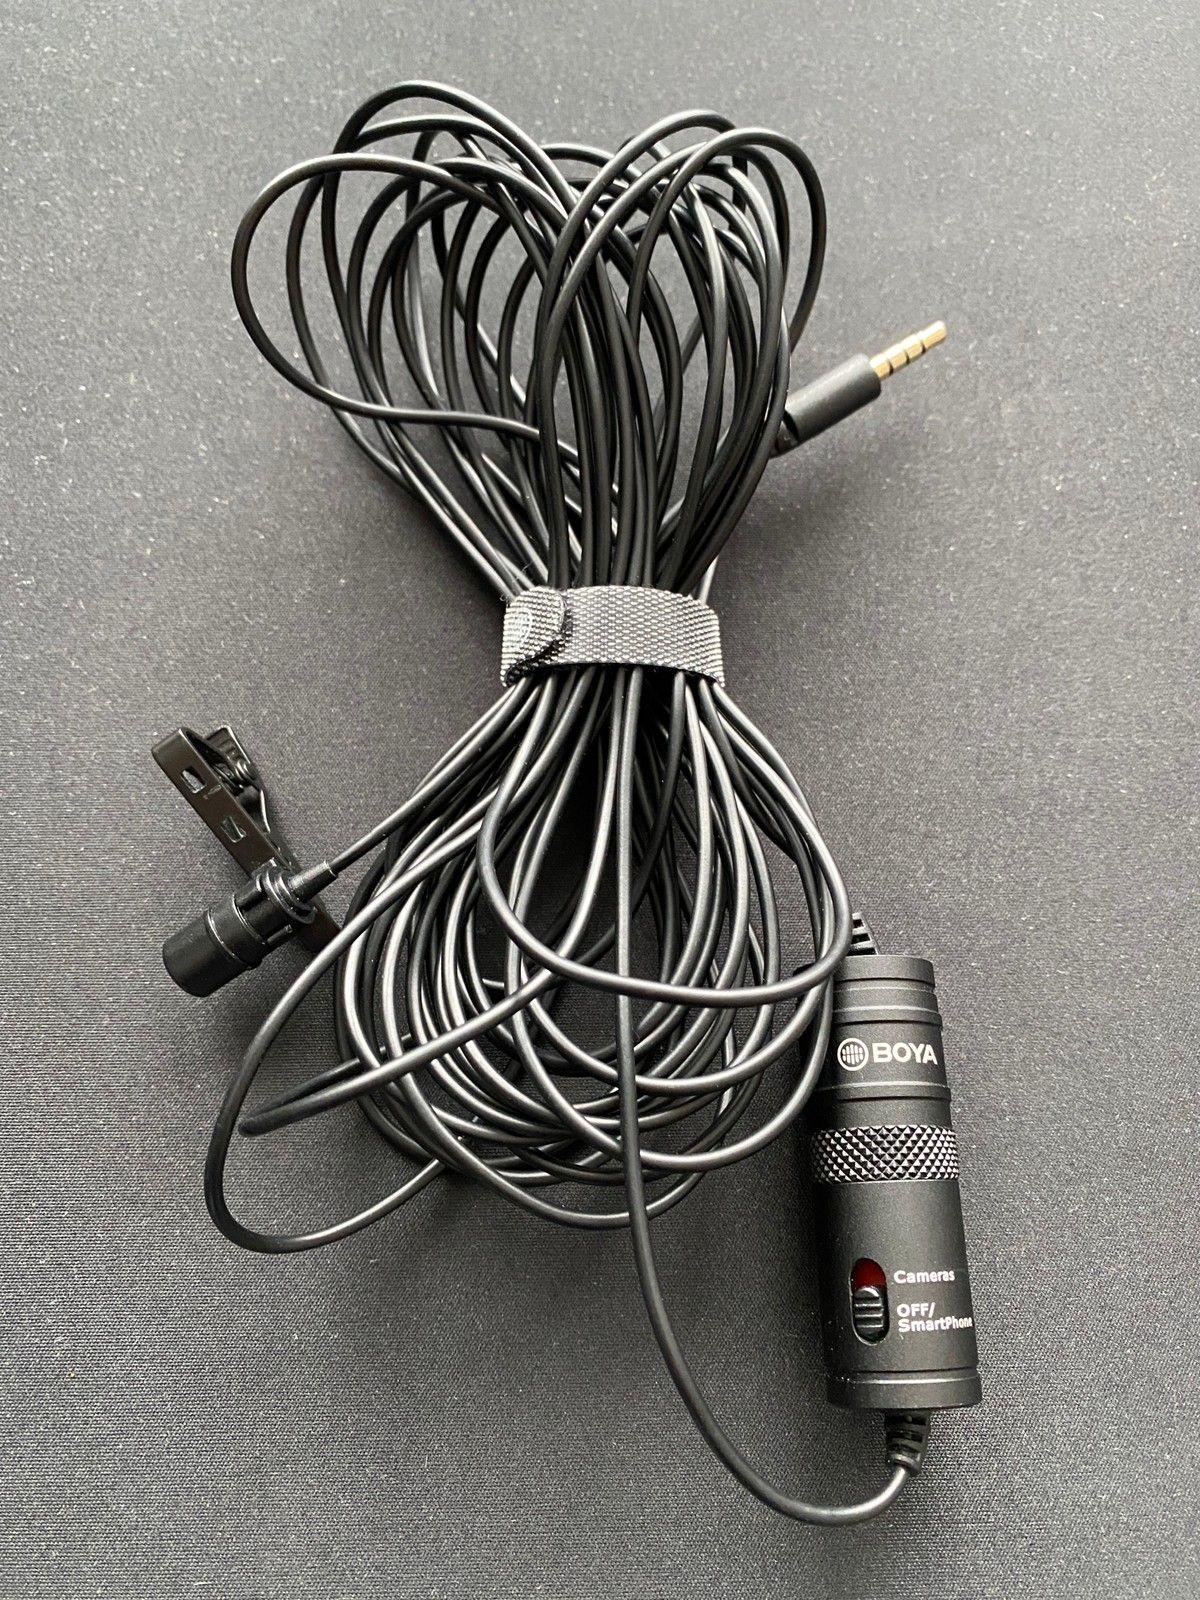 Boya BY M1 Myggmikrofon for mobilen eller kameraet